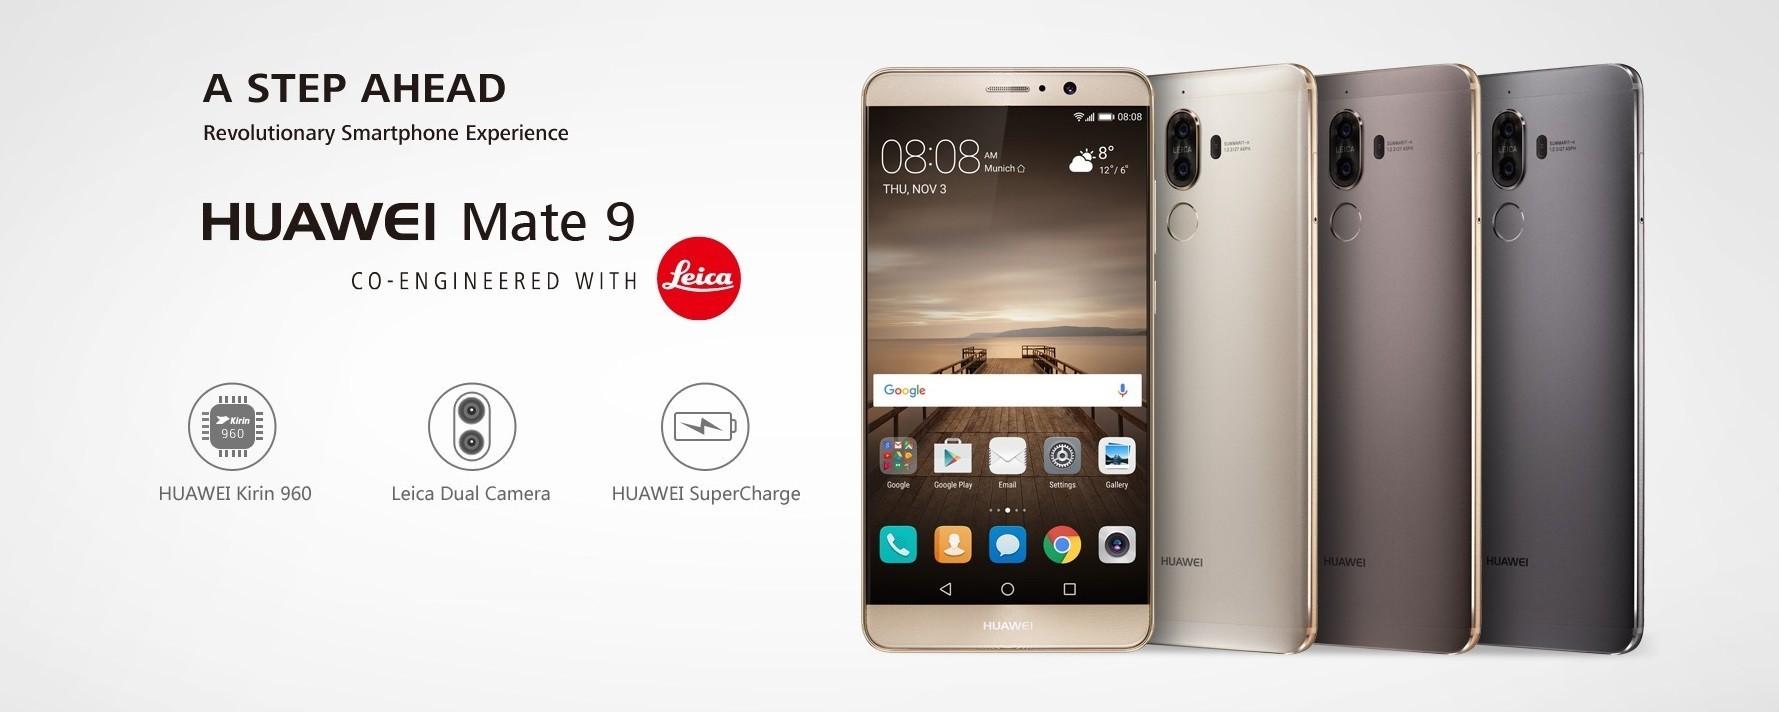 Huawei valuta fino a 500 euro il vostro vecchio smartphone per l'acquisto di Mate 9